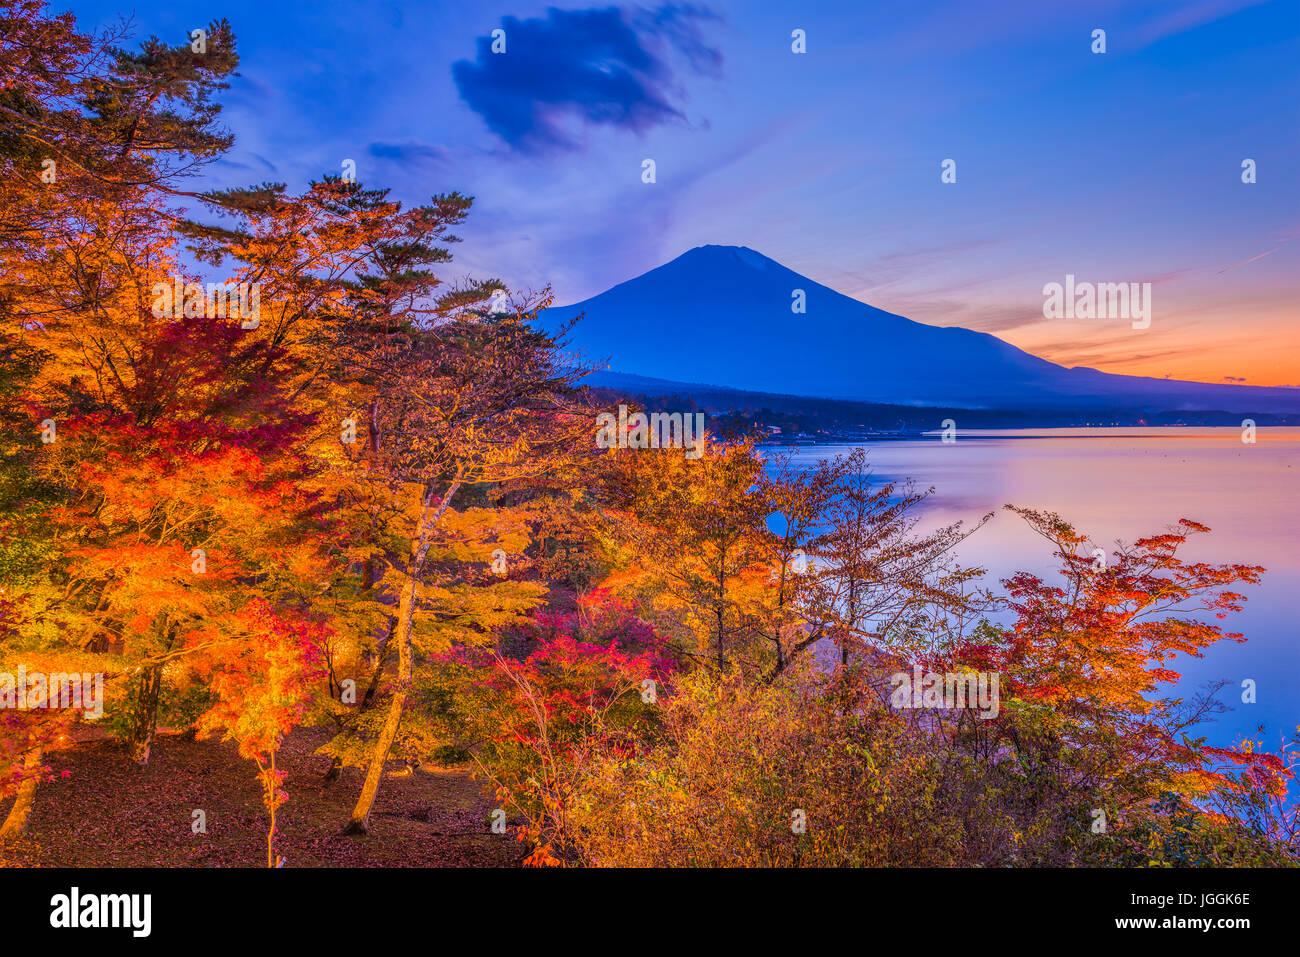 Mt. Fuji, Japan im Herbst. Stockbild